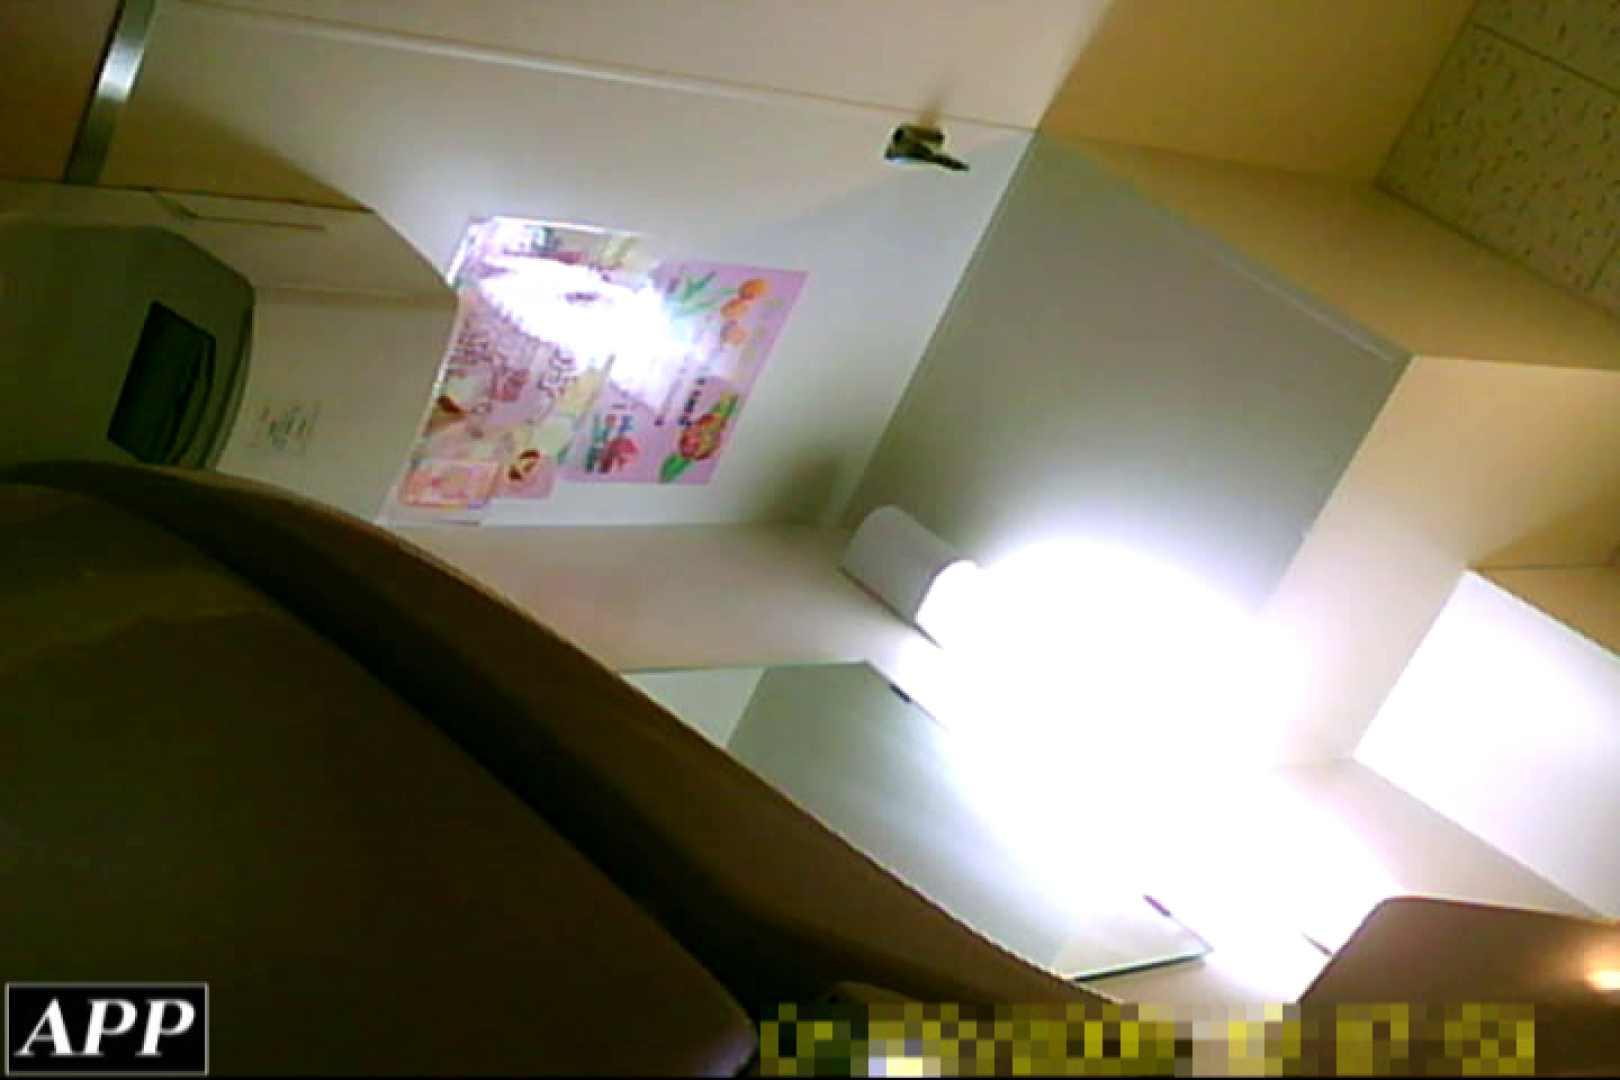 3視点洗面所 vol.112 マンコ | 丸見えマンコ  62画像 24